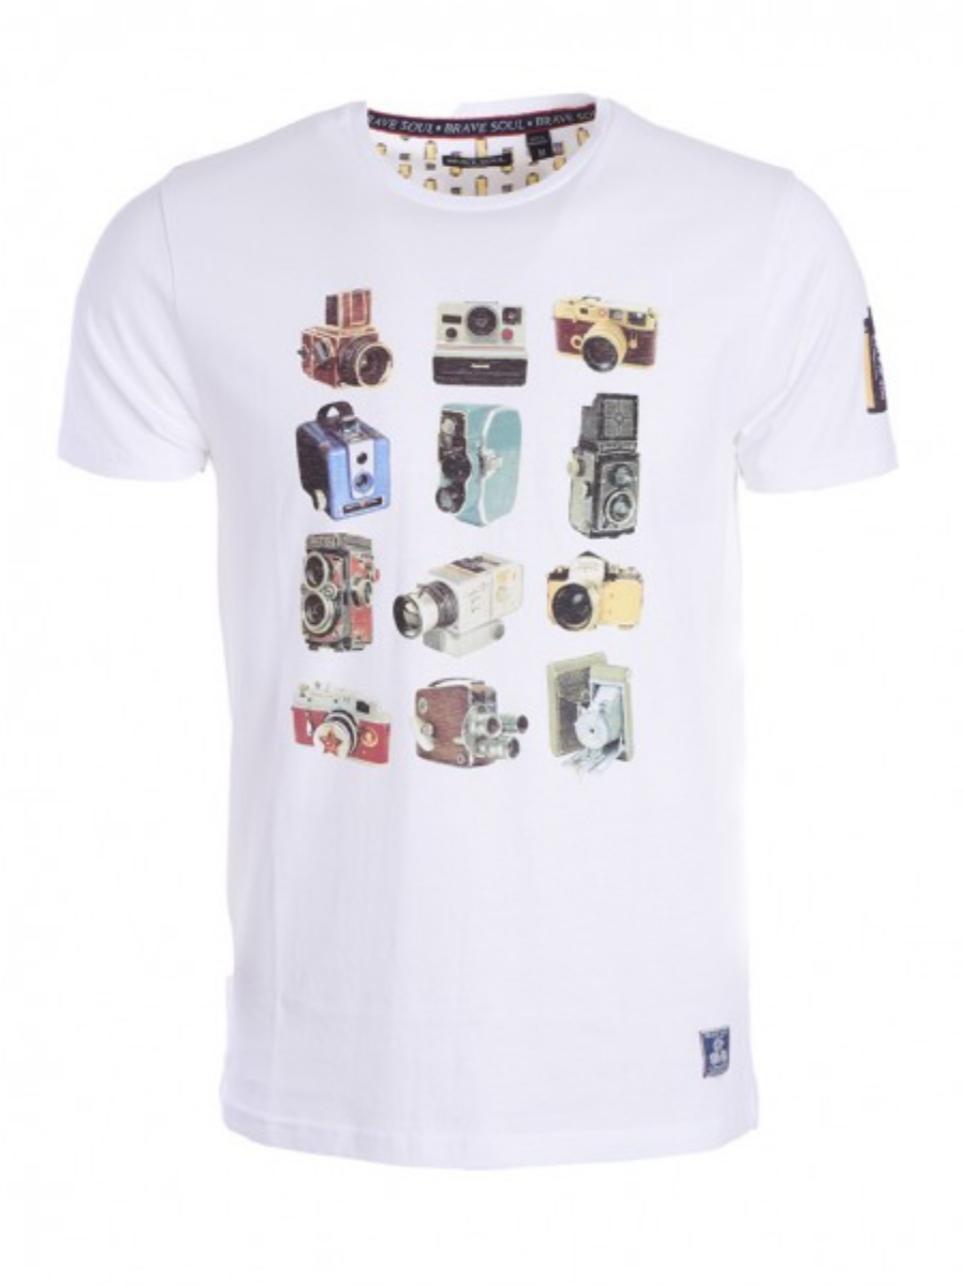 Camiseta retro camera